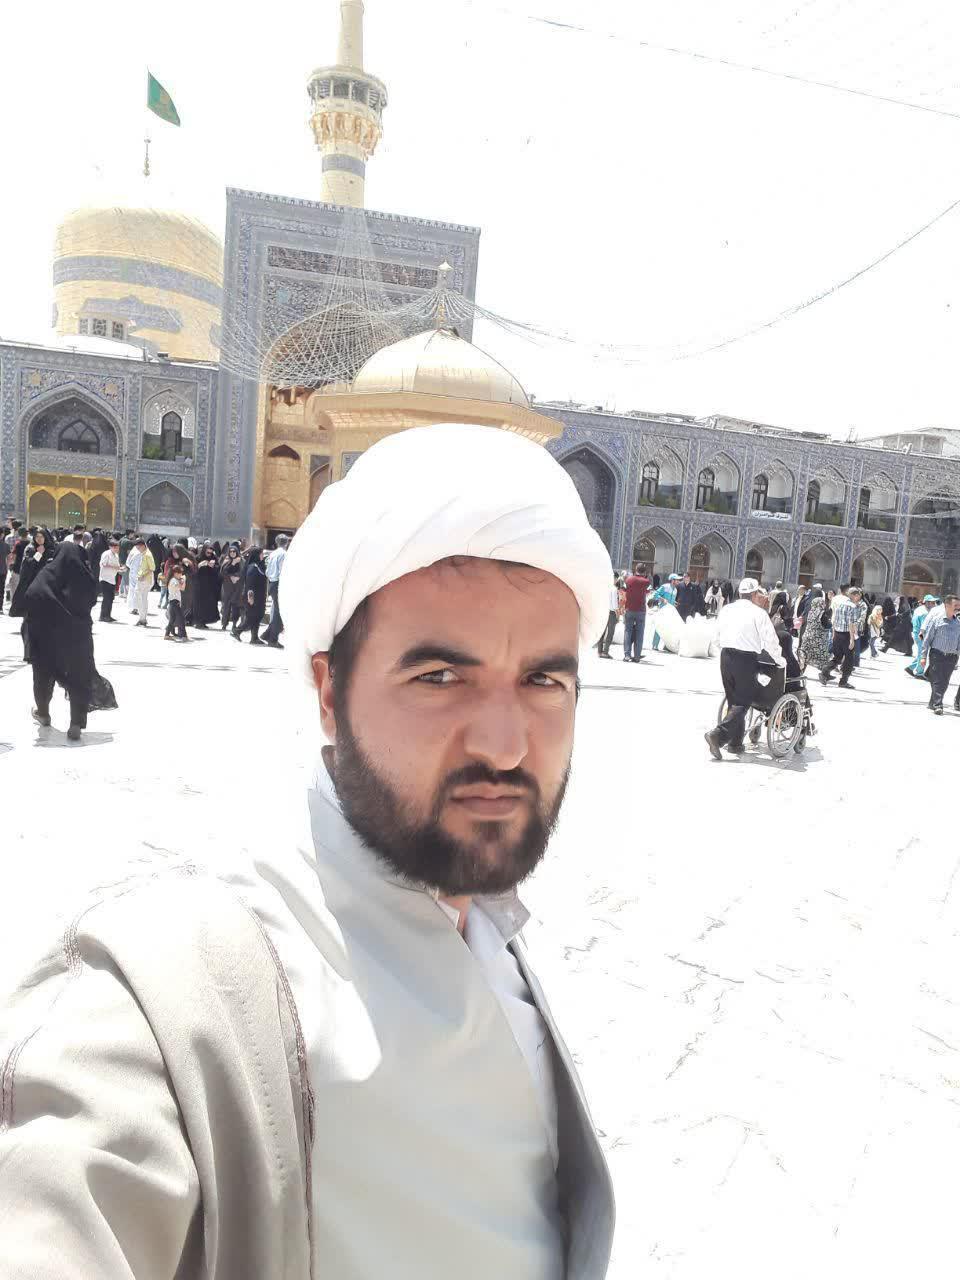 زندگینامه حجت الاسلام والمسلمین احمد احمدی